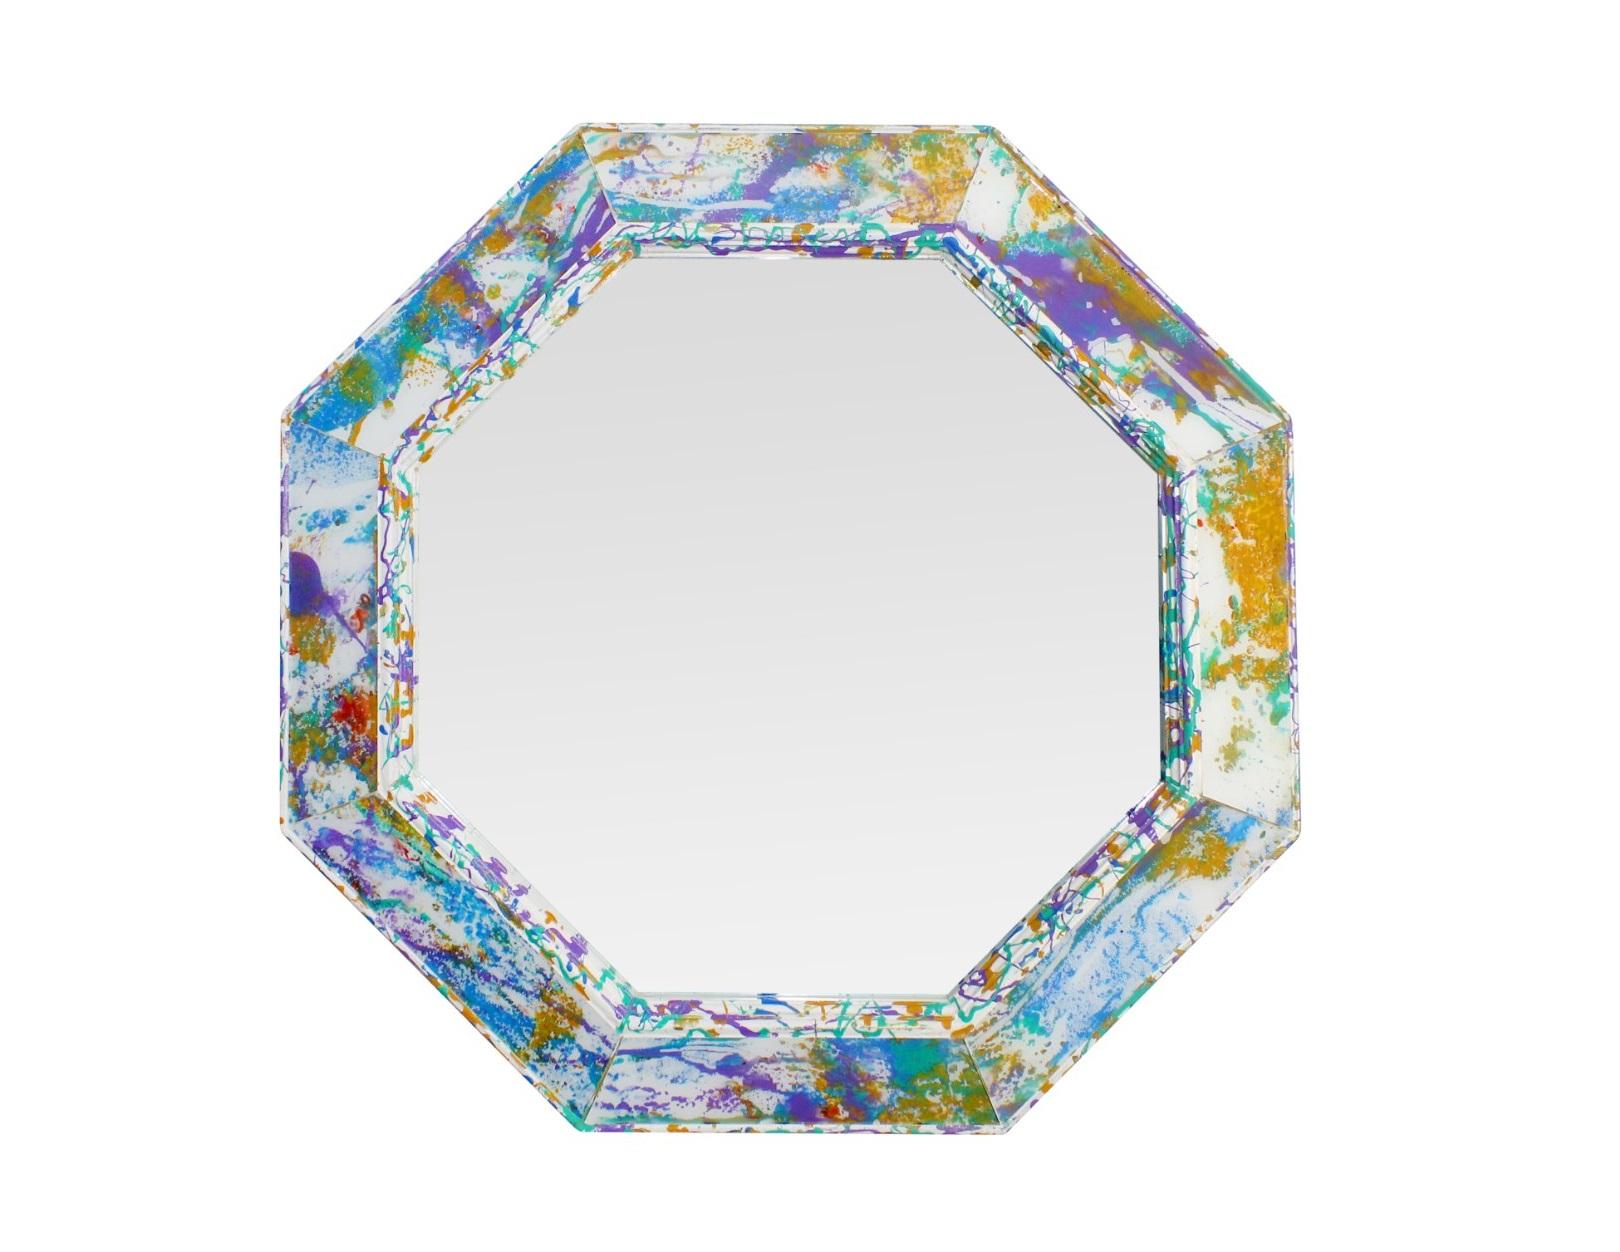 Зеркало BountyHome 15437567 от thefurnish